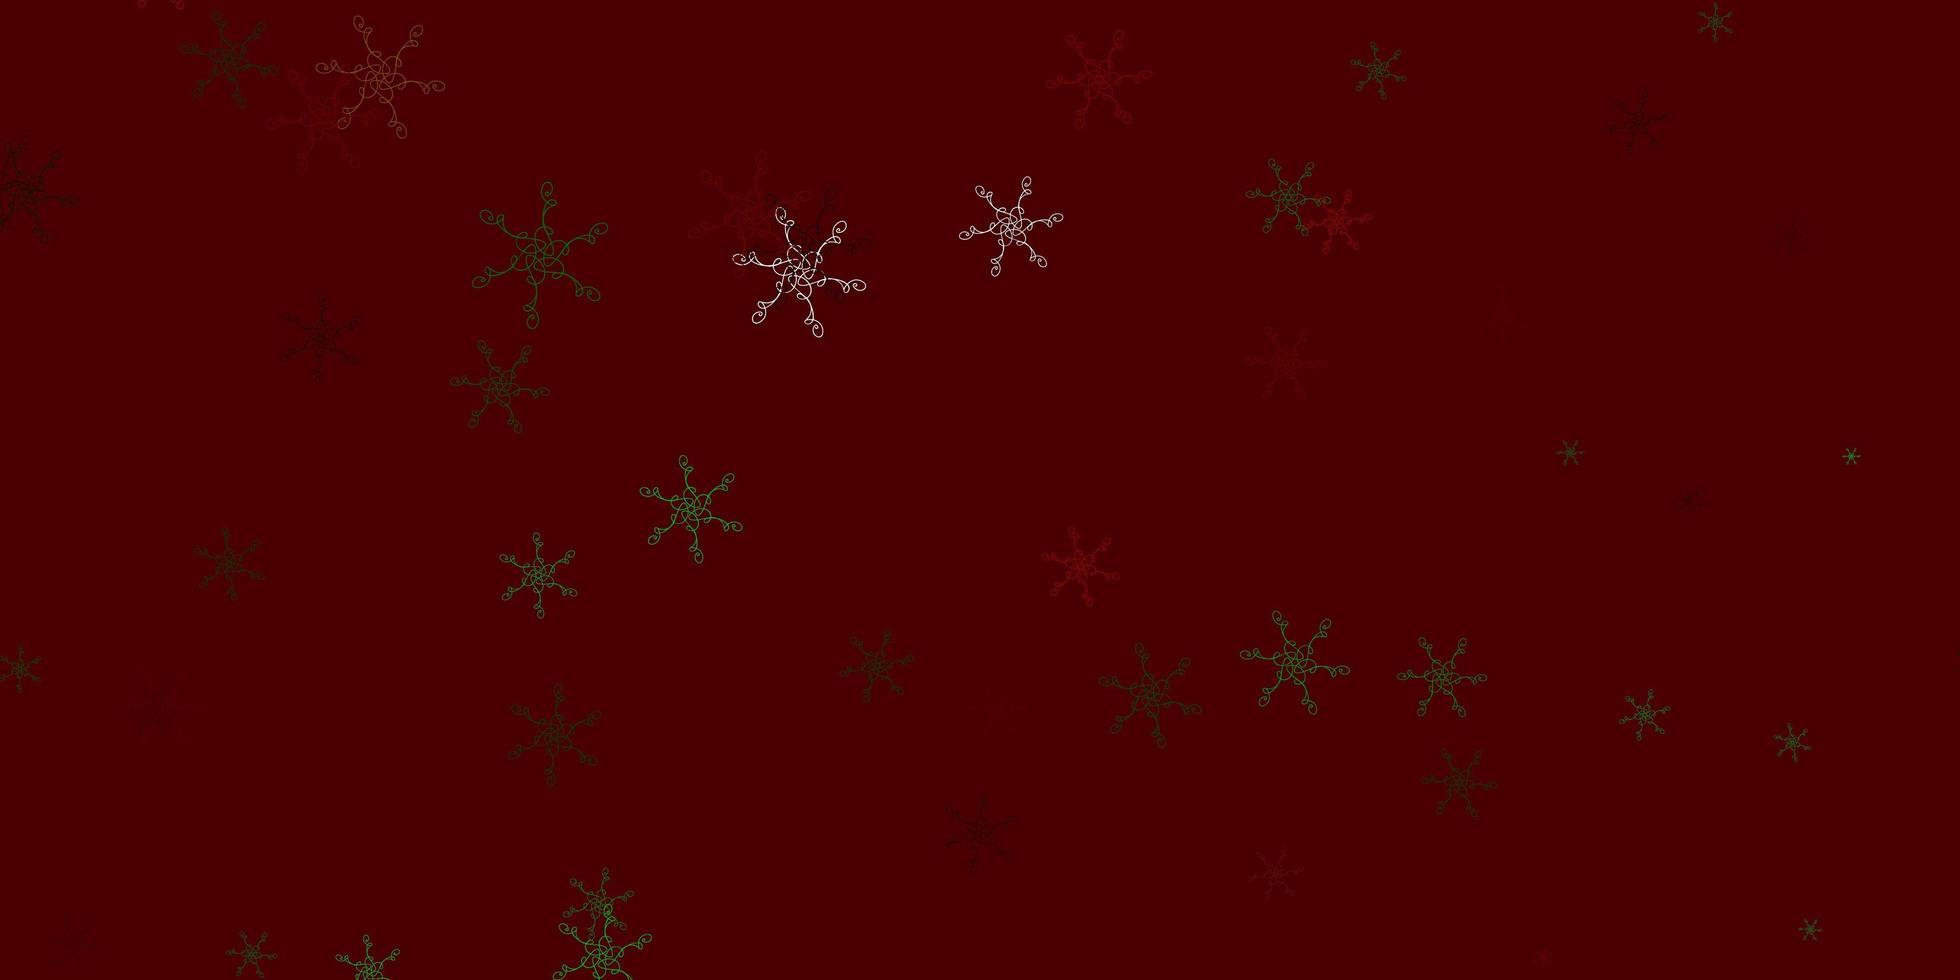 lichtgroene, rode vectorachtergrond met gebogen lijnen. vector